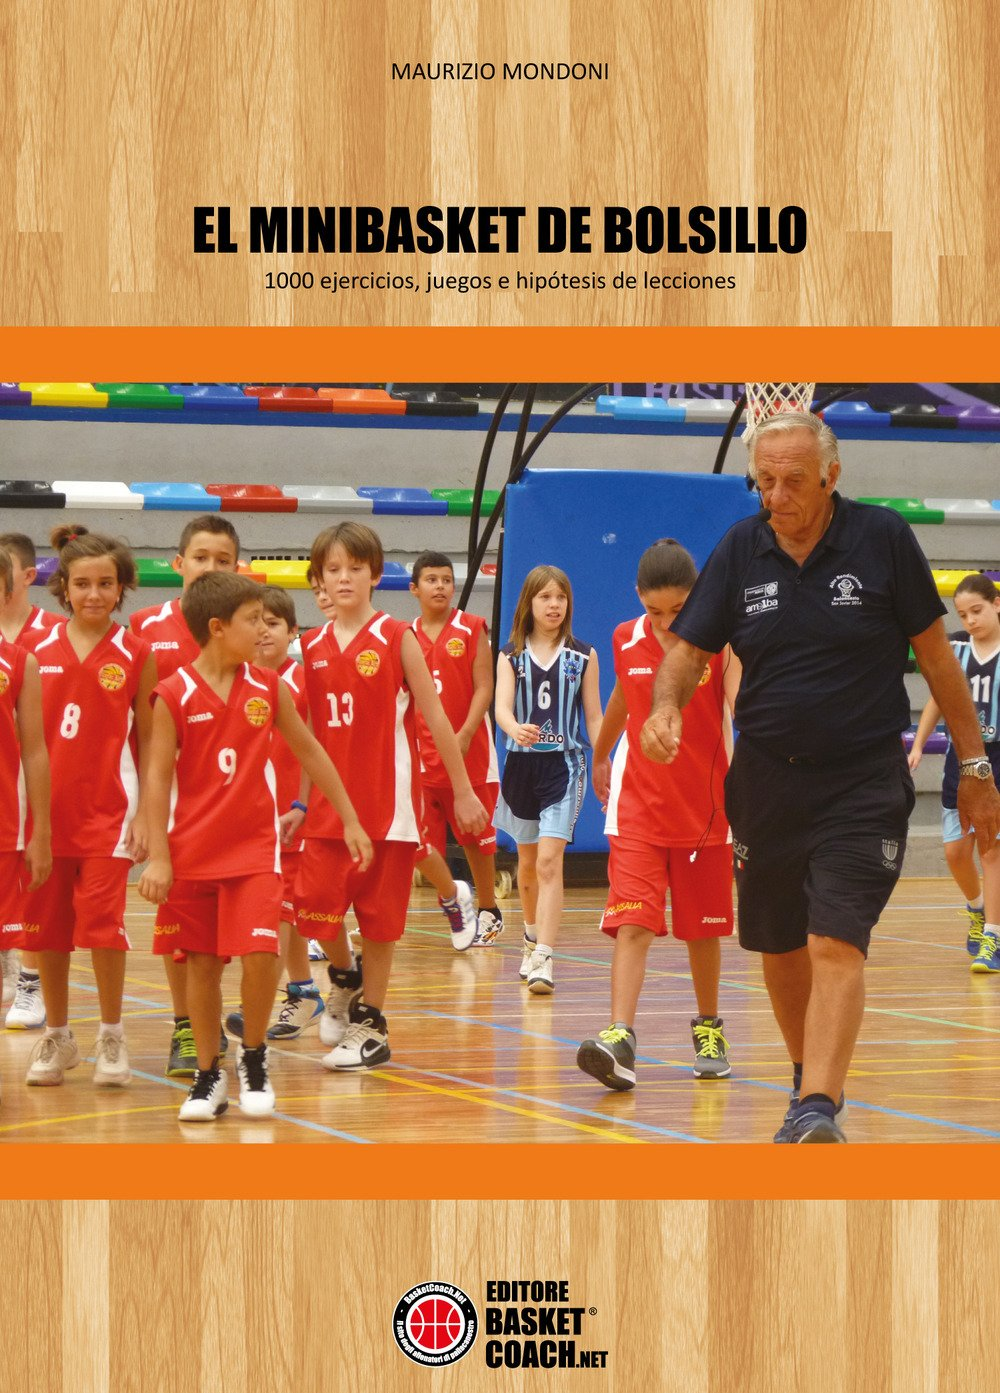 El minibasket de Bolsillo. 1000 ejercicios, juegos e hipótesis de lecciones Tapa blanda – 30 abr 2017 Maurizio Mondoni BasketCoach.Net 8899184240 Pallacanestro